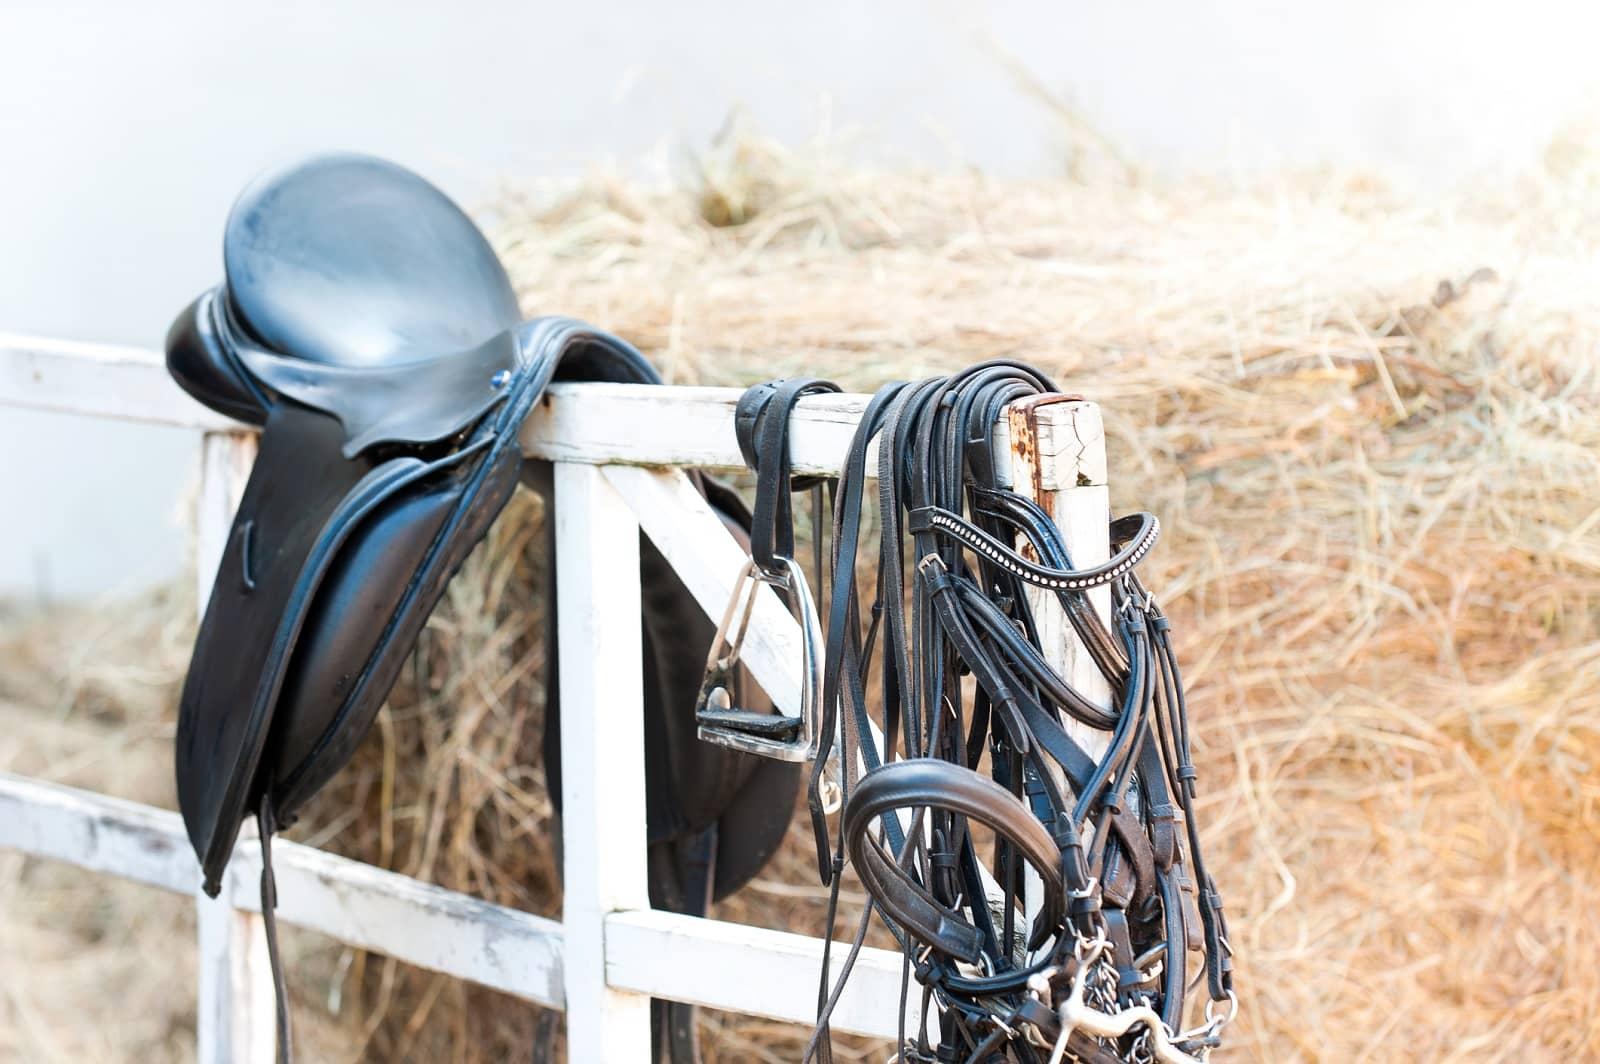 Saddle drapped on fence